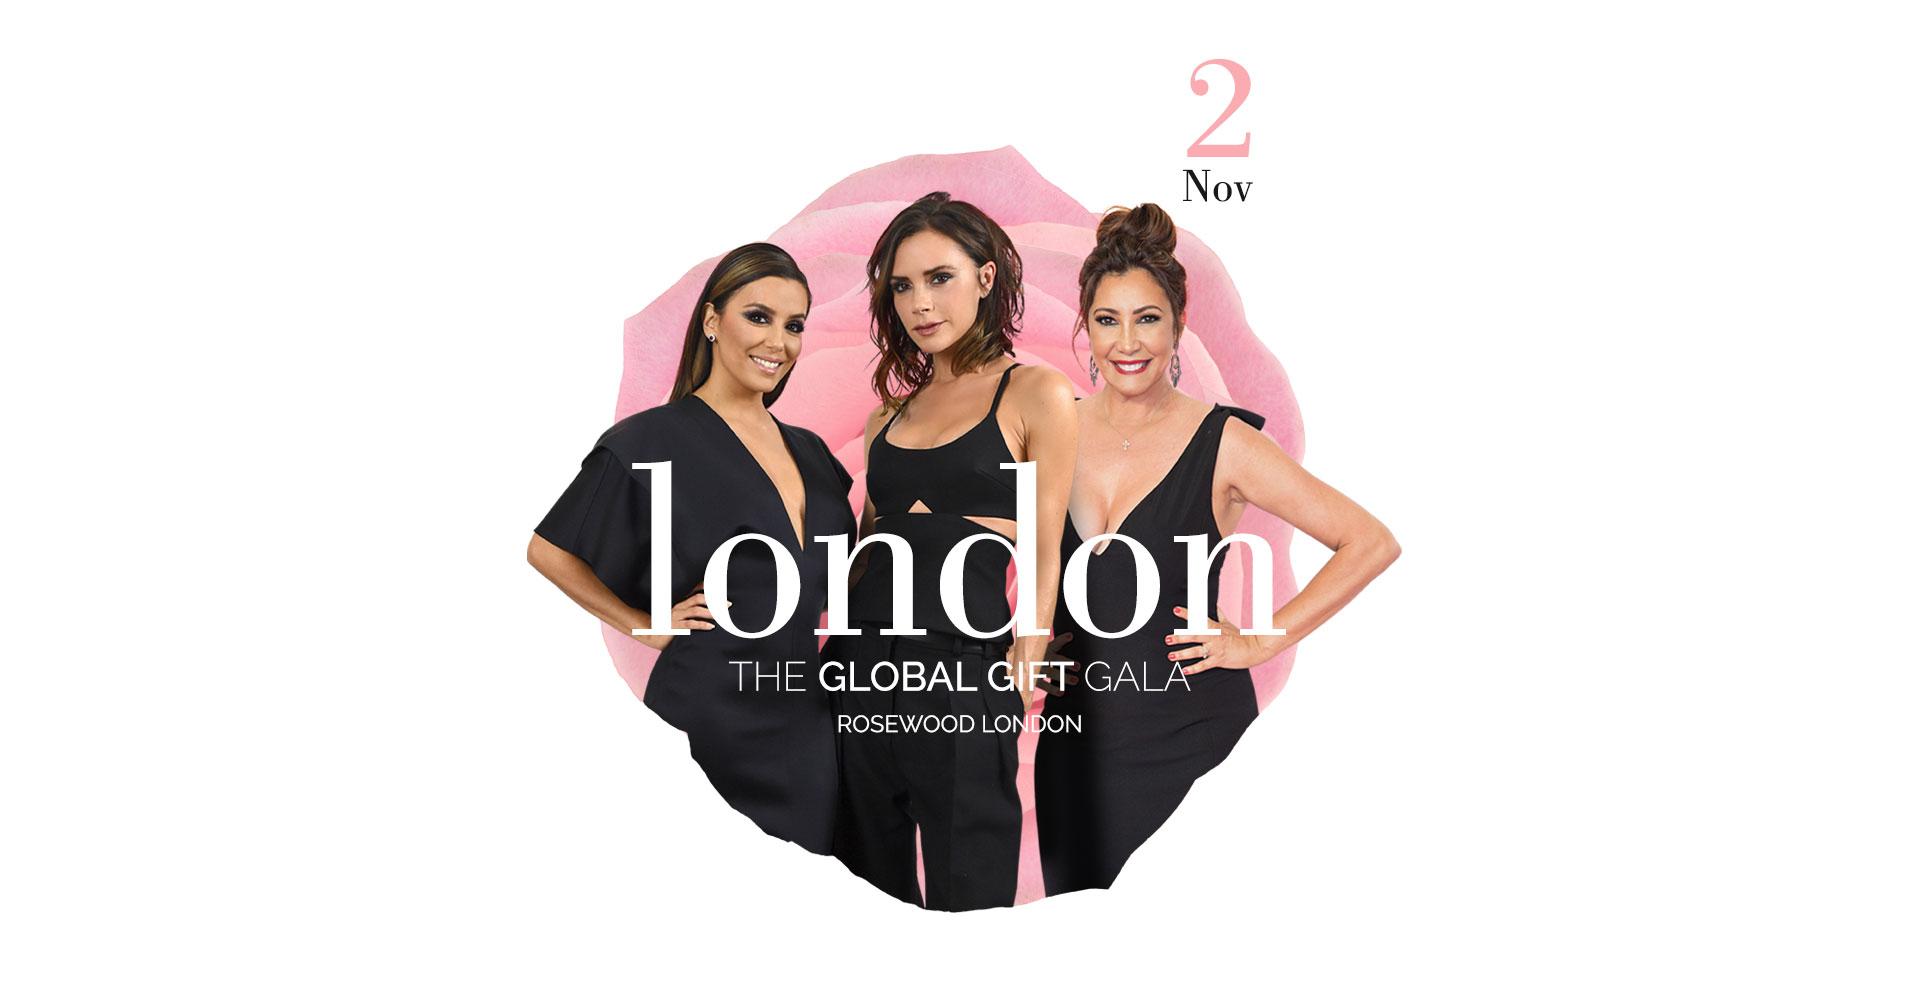 The Global Gift Gala London 2018